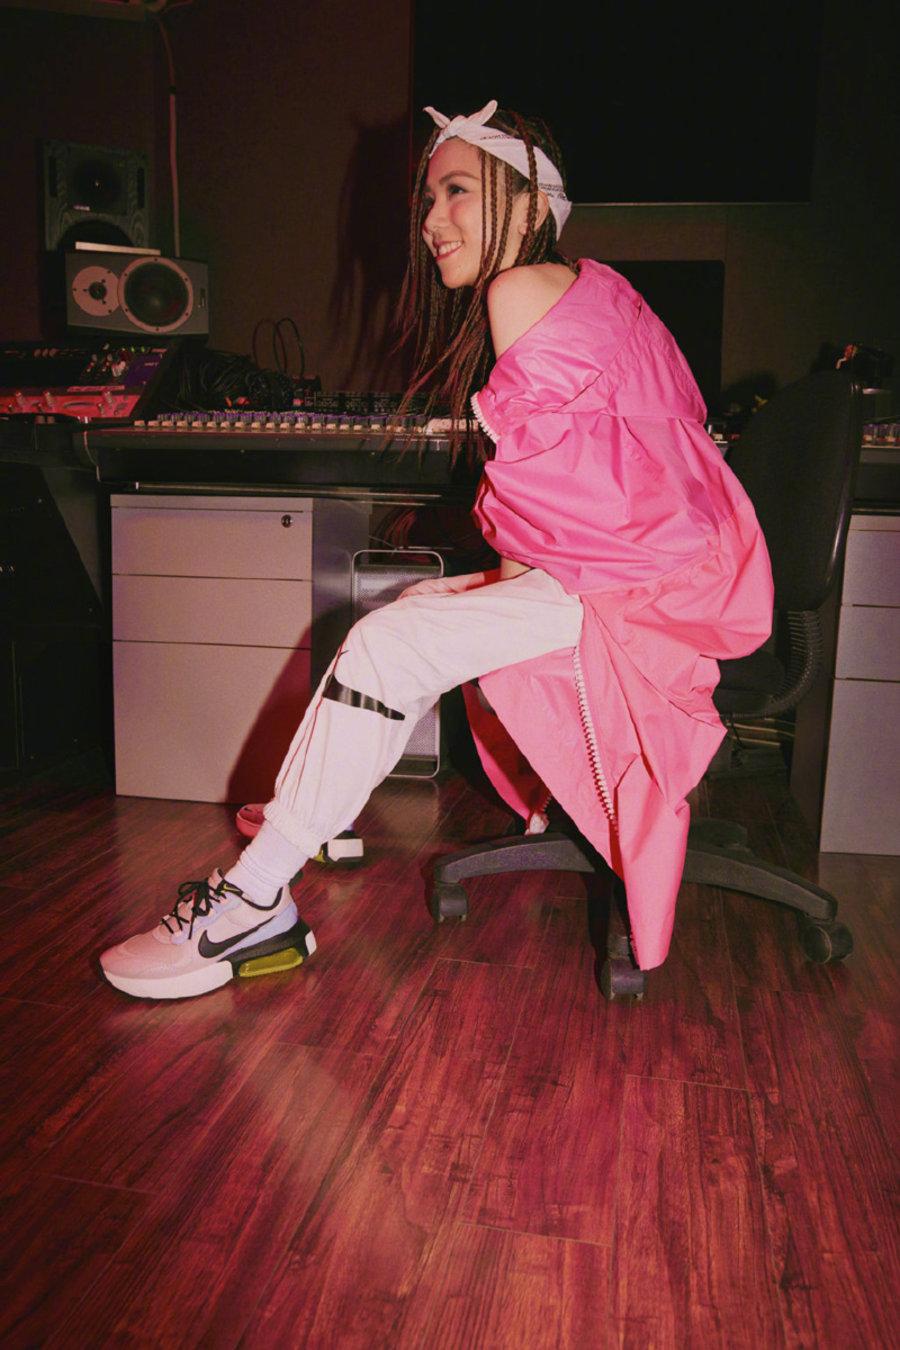 明星上脚,说唱,球鞋女神  除了邓紫棋,近期女 Rapper 们穿起球鞋!你想不到有多顶!